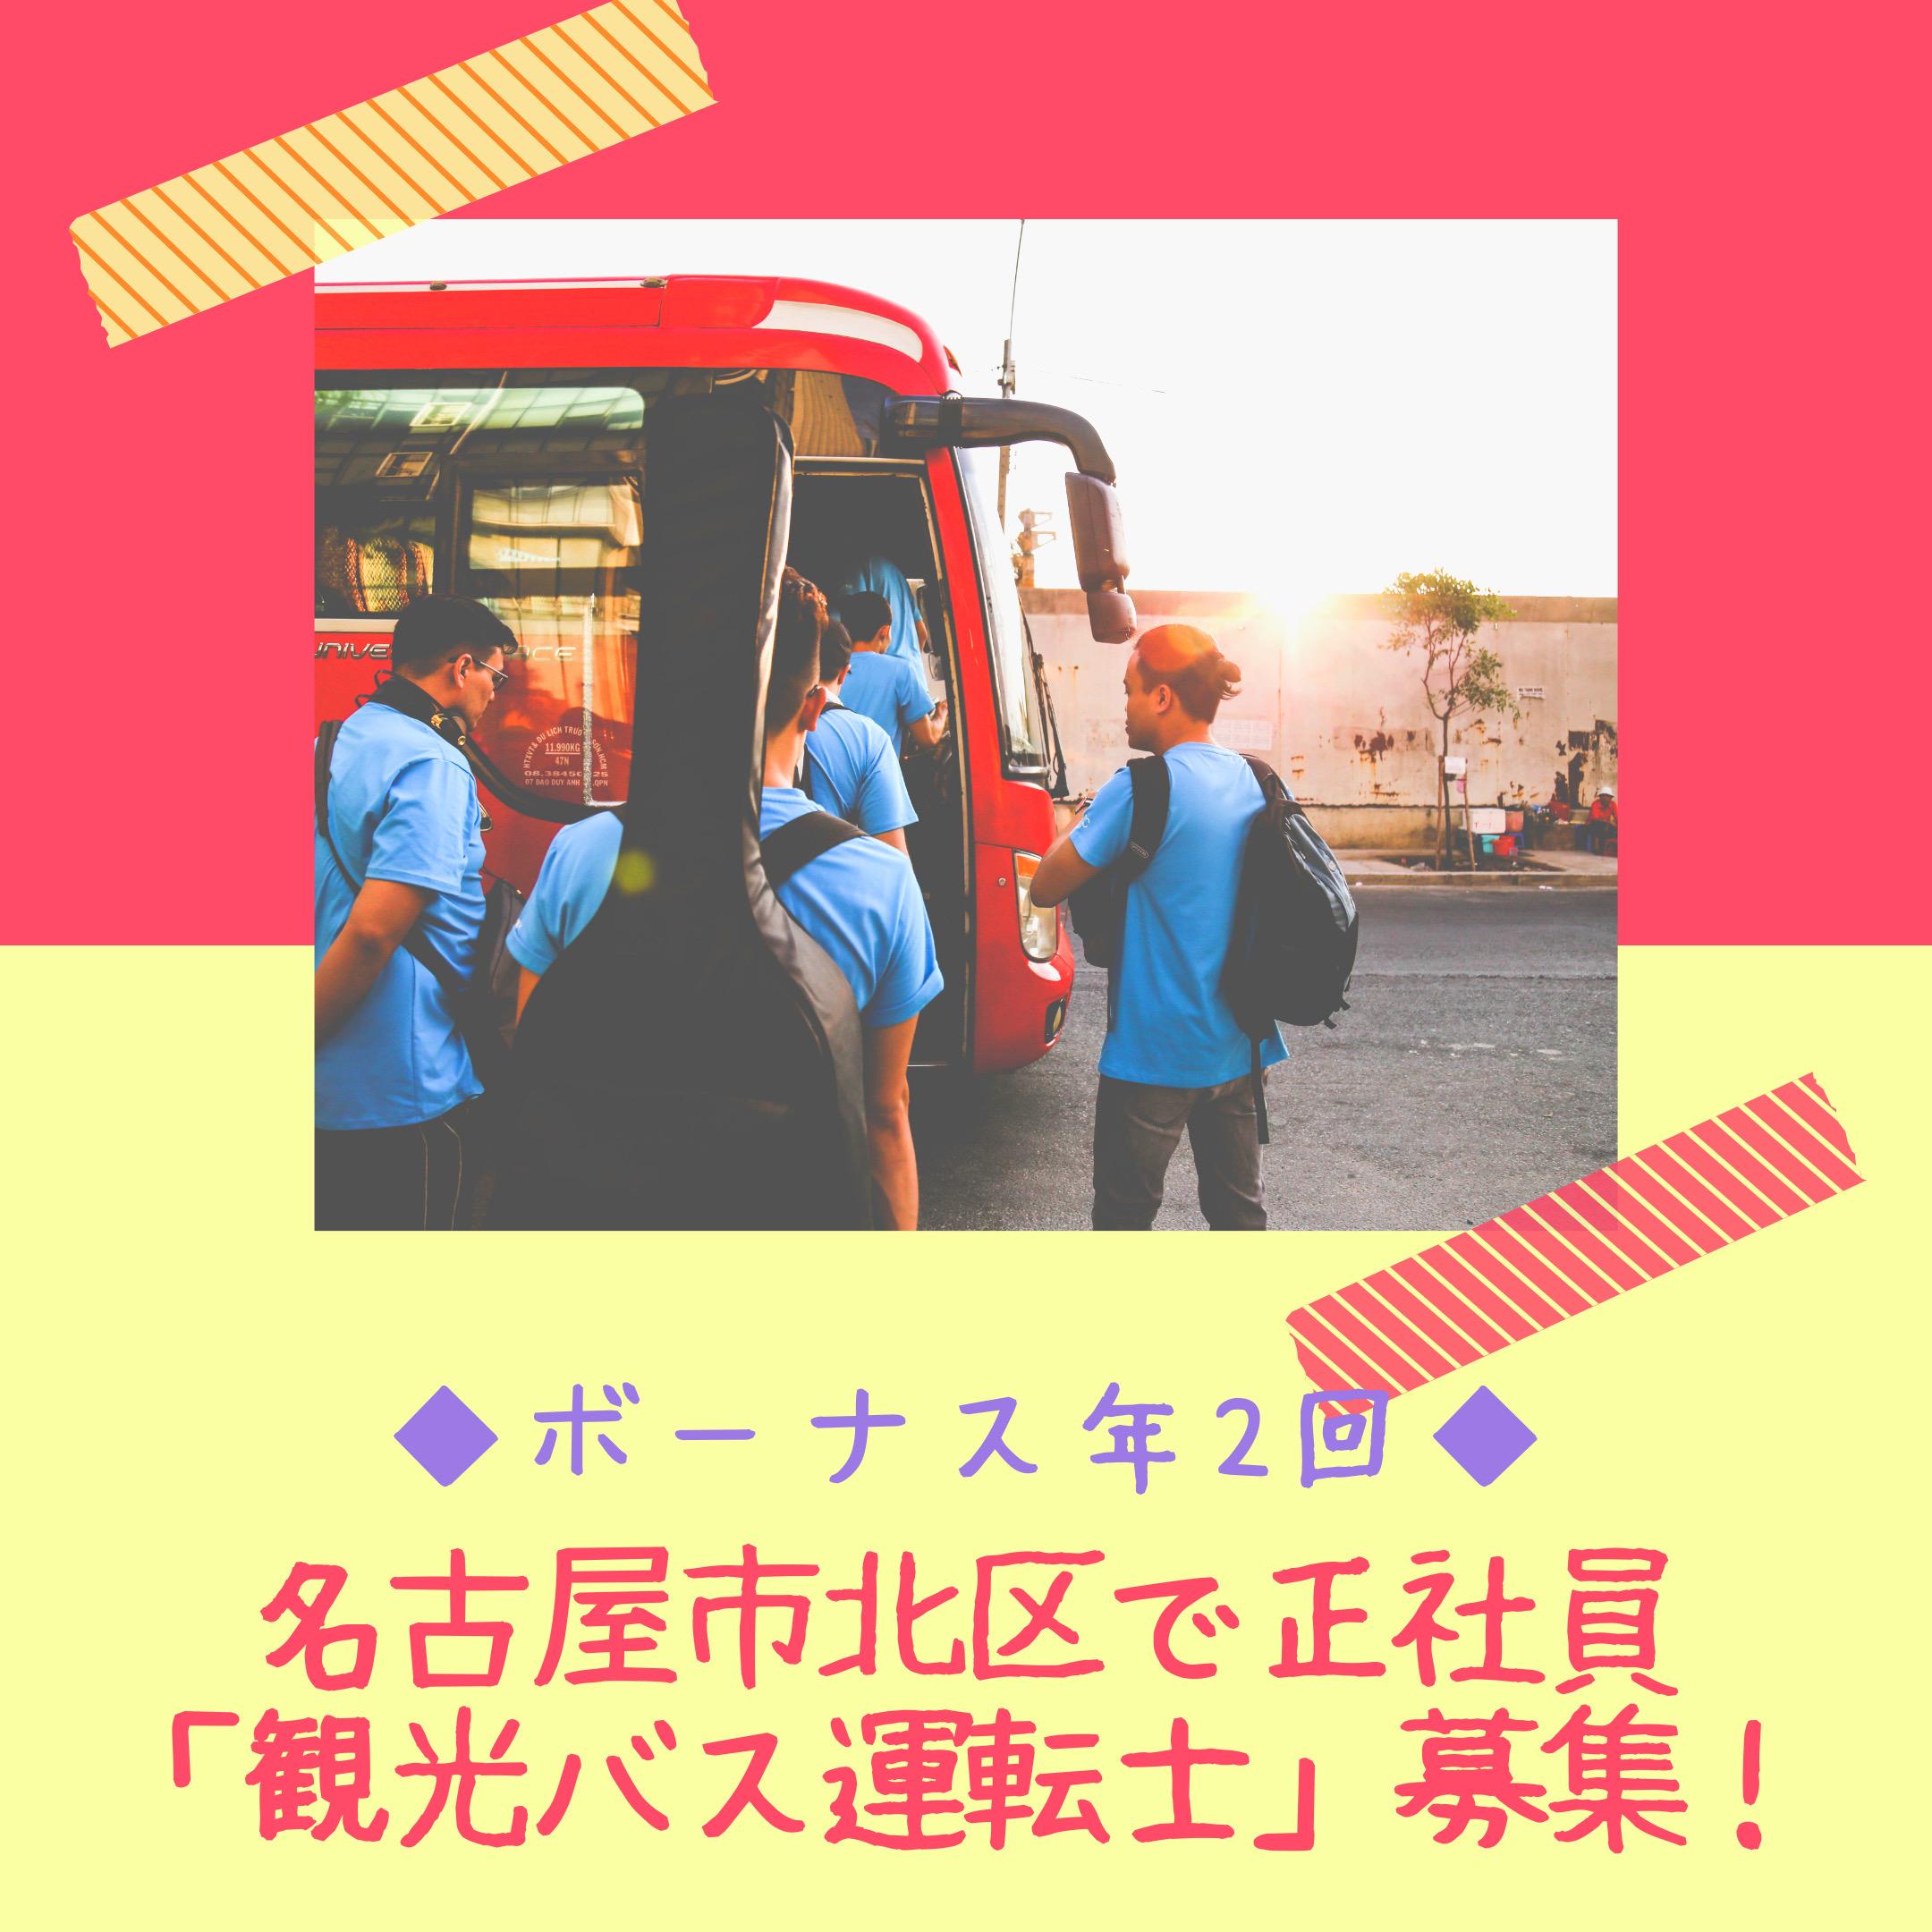 急募【名古屋市北区・観光バス運転士】年齢不問です!!夏と冬にボーナスあり♪♪福利厚生充実してます☆彡 イメージ